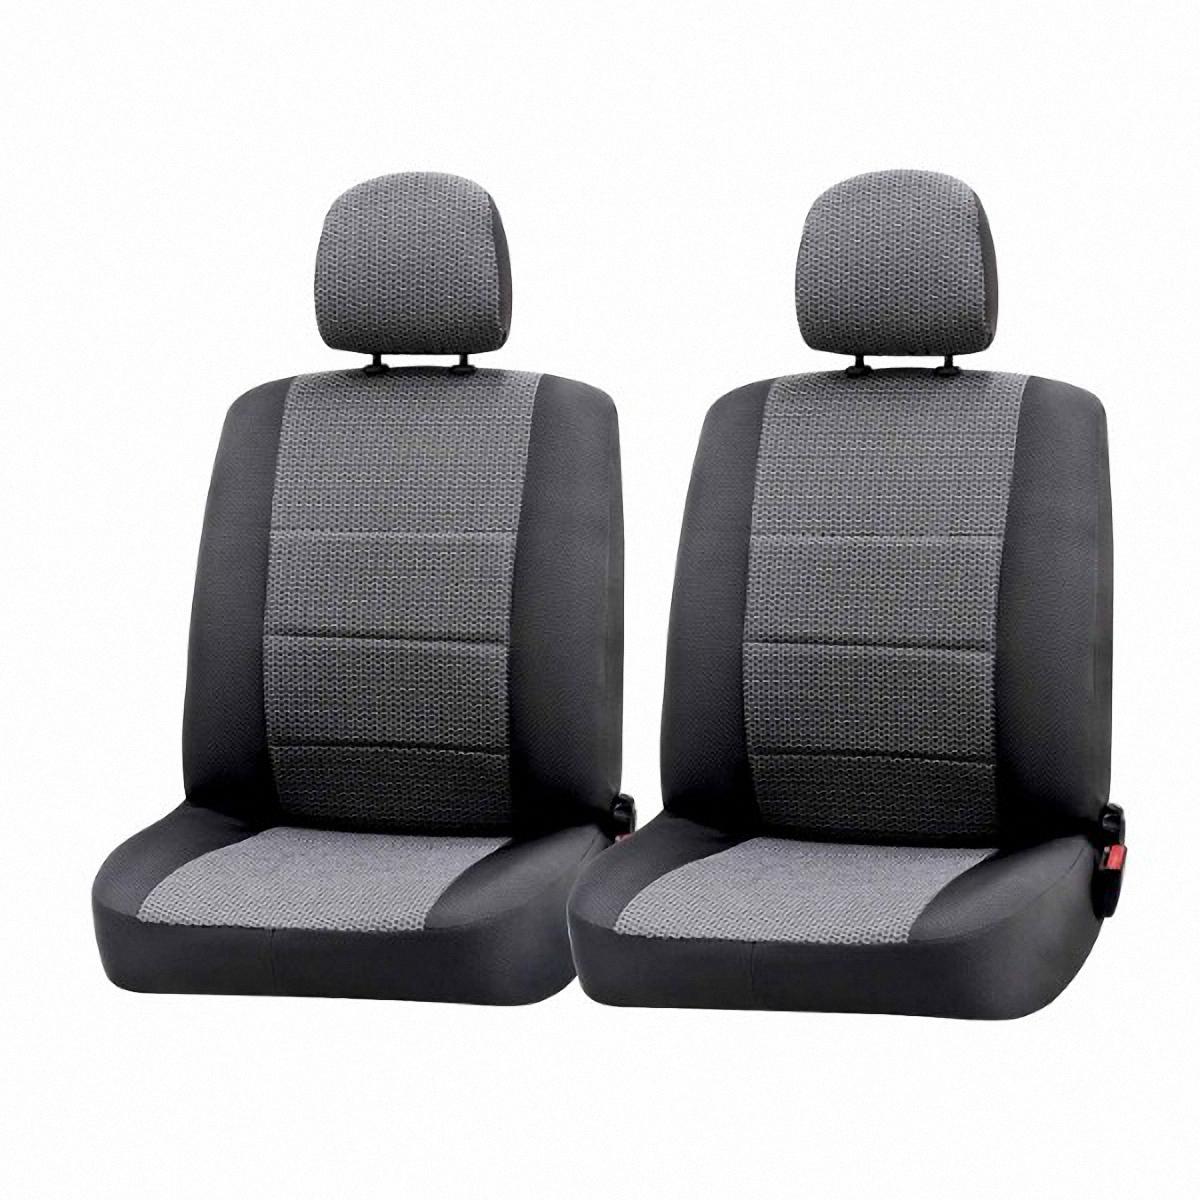 Чехлы автомобильные Skyway, для Renault Duster 2010-2015, хэтчбекRn5-2Автомобильные чехлы Skyway изготовлены из качественного жаккарда. Чехлы идеально повторяют штатную форму сидений и выглядят как оригинальная обивка сидений. Разработаны индивидуально для каждой модели автомобиля. Авточехлы Skyway просты в уходе - загрязнения легко удаляются влажной тканью. Чехлы имеют раздельную схему надевания. В комплекте 12 предметов.